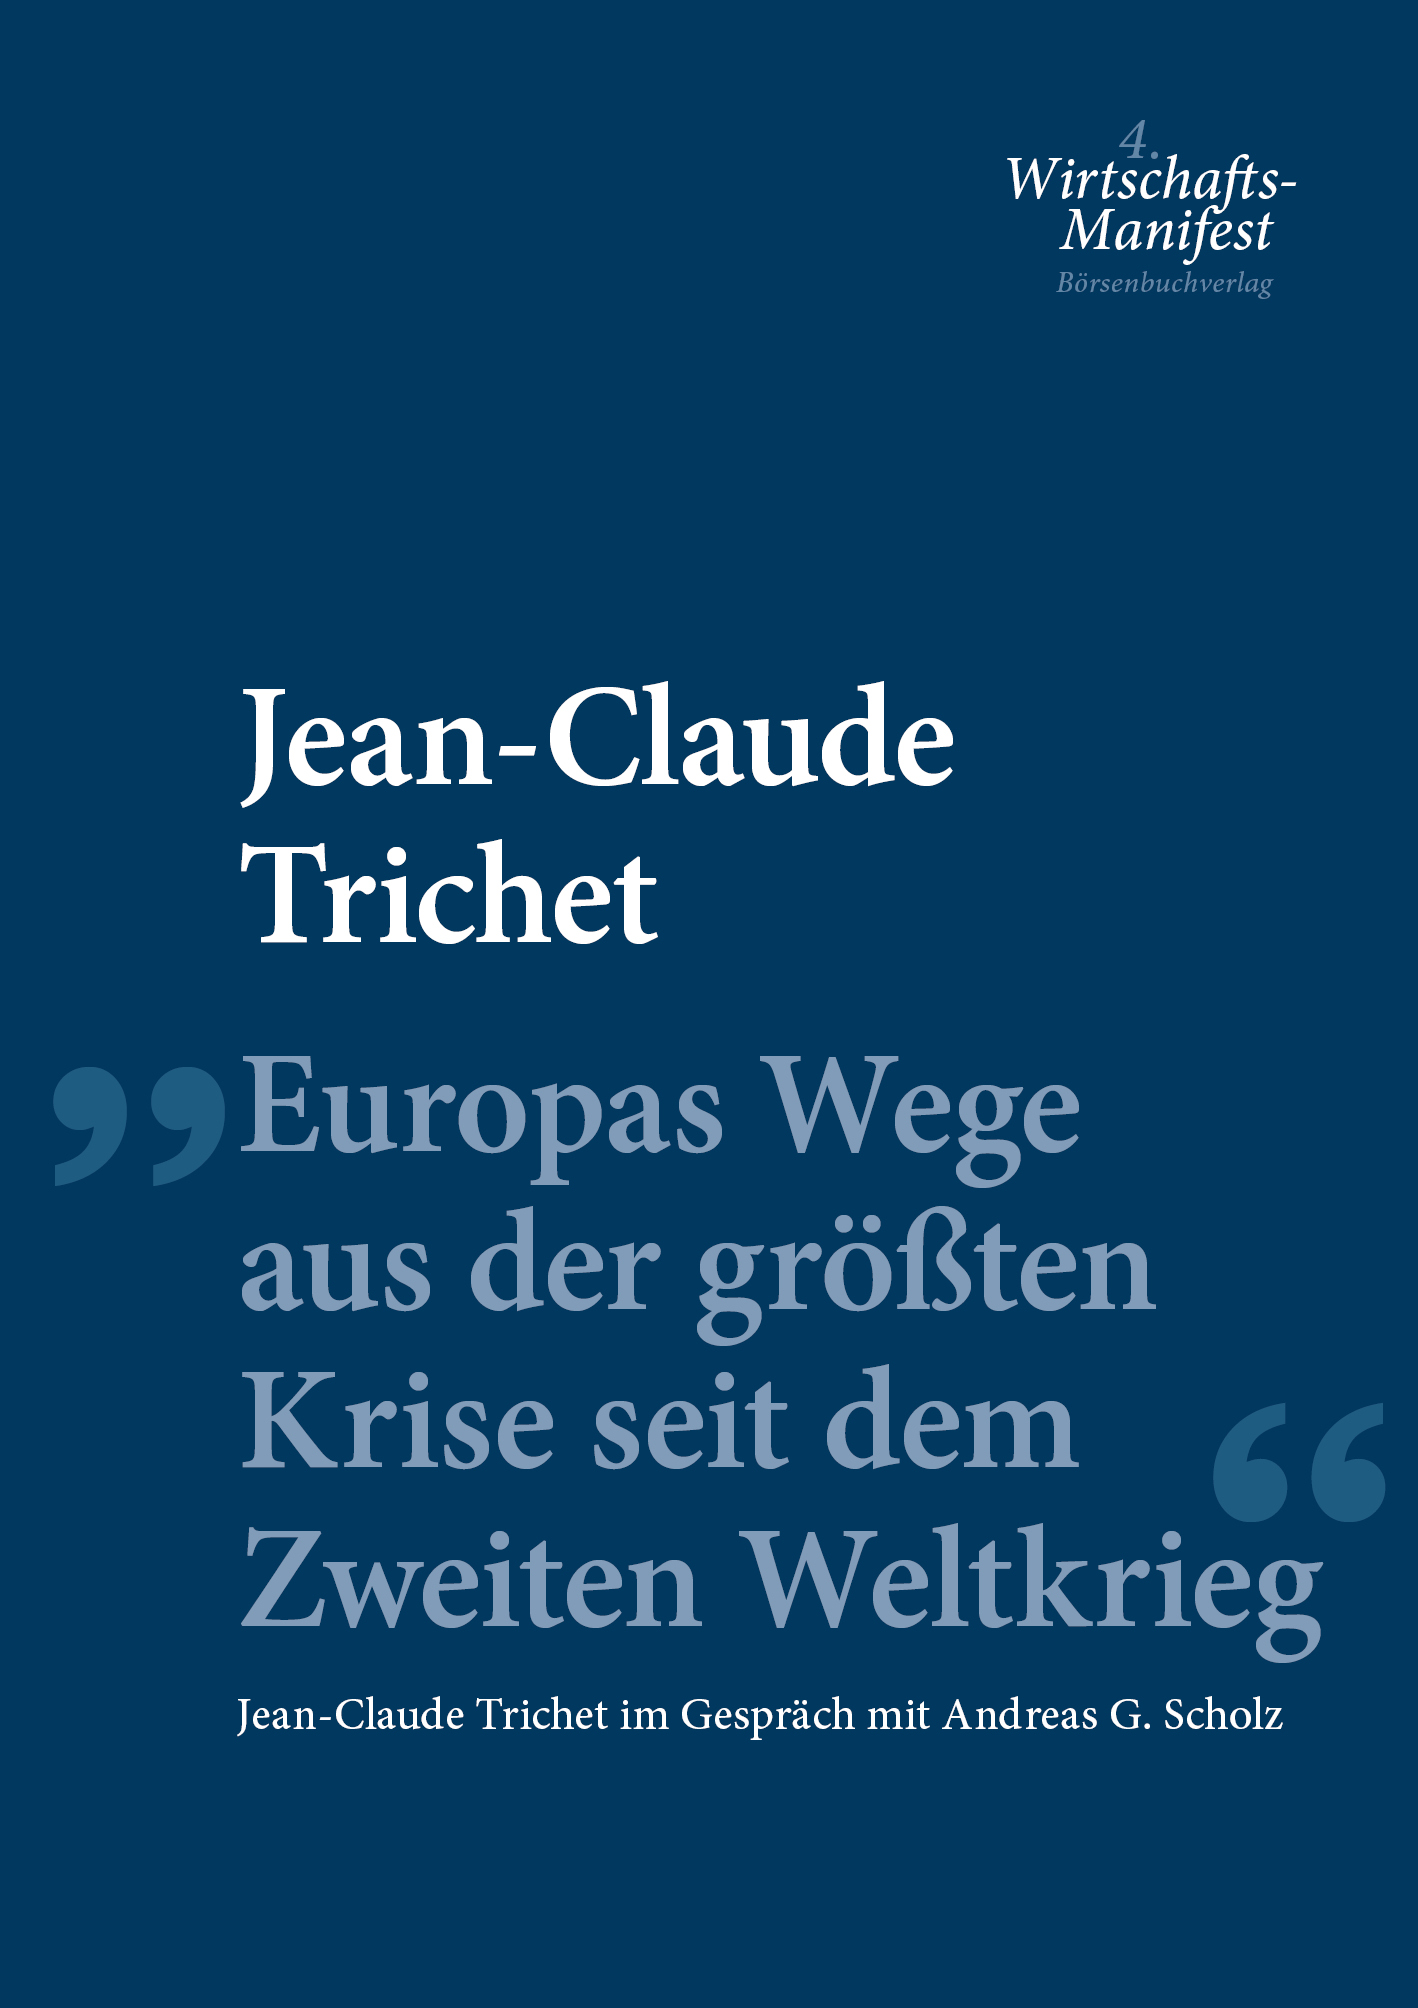 Jean-Claude Trichet Europas Wege aus der größten Krise seit dem Zweiten Weltkrieg der werdegang der krise